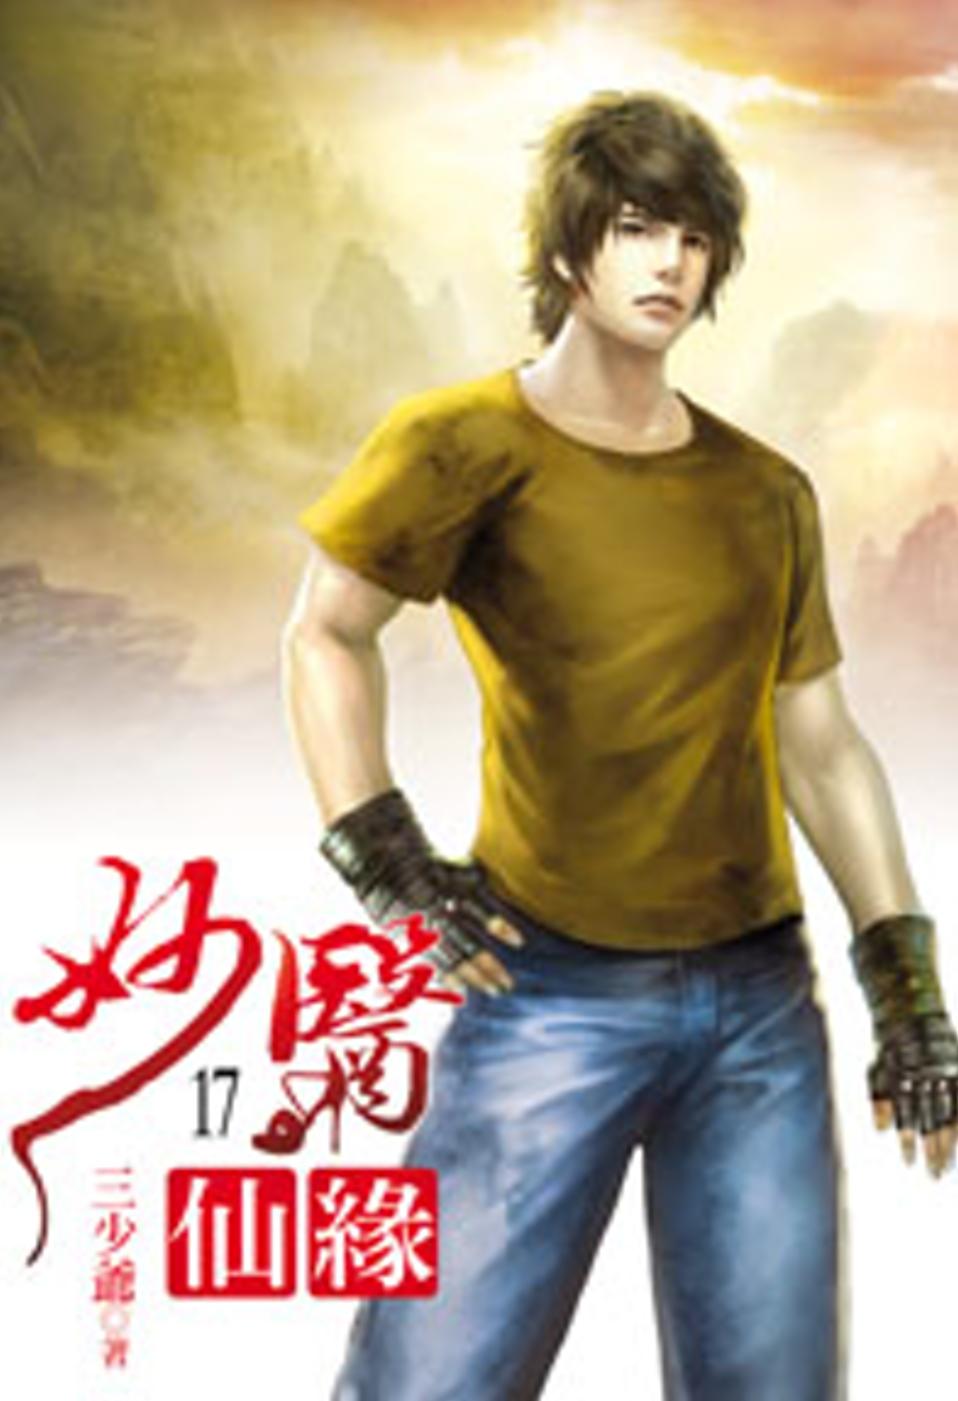 妙醫仙緣17